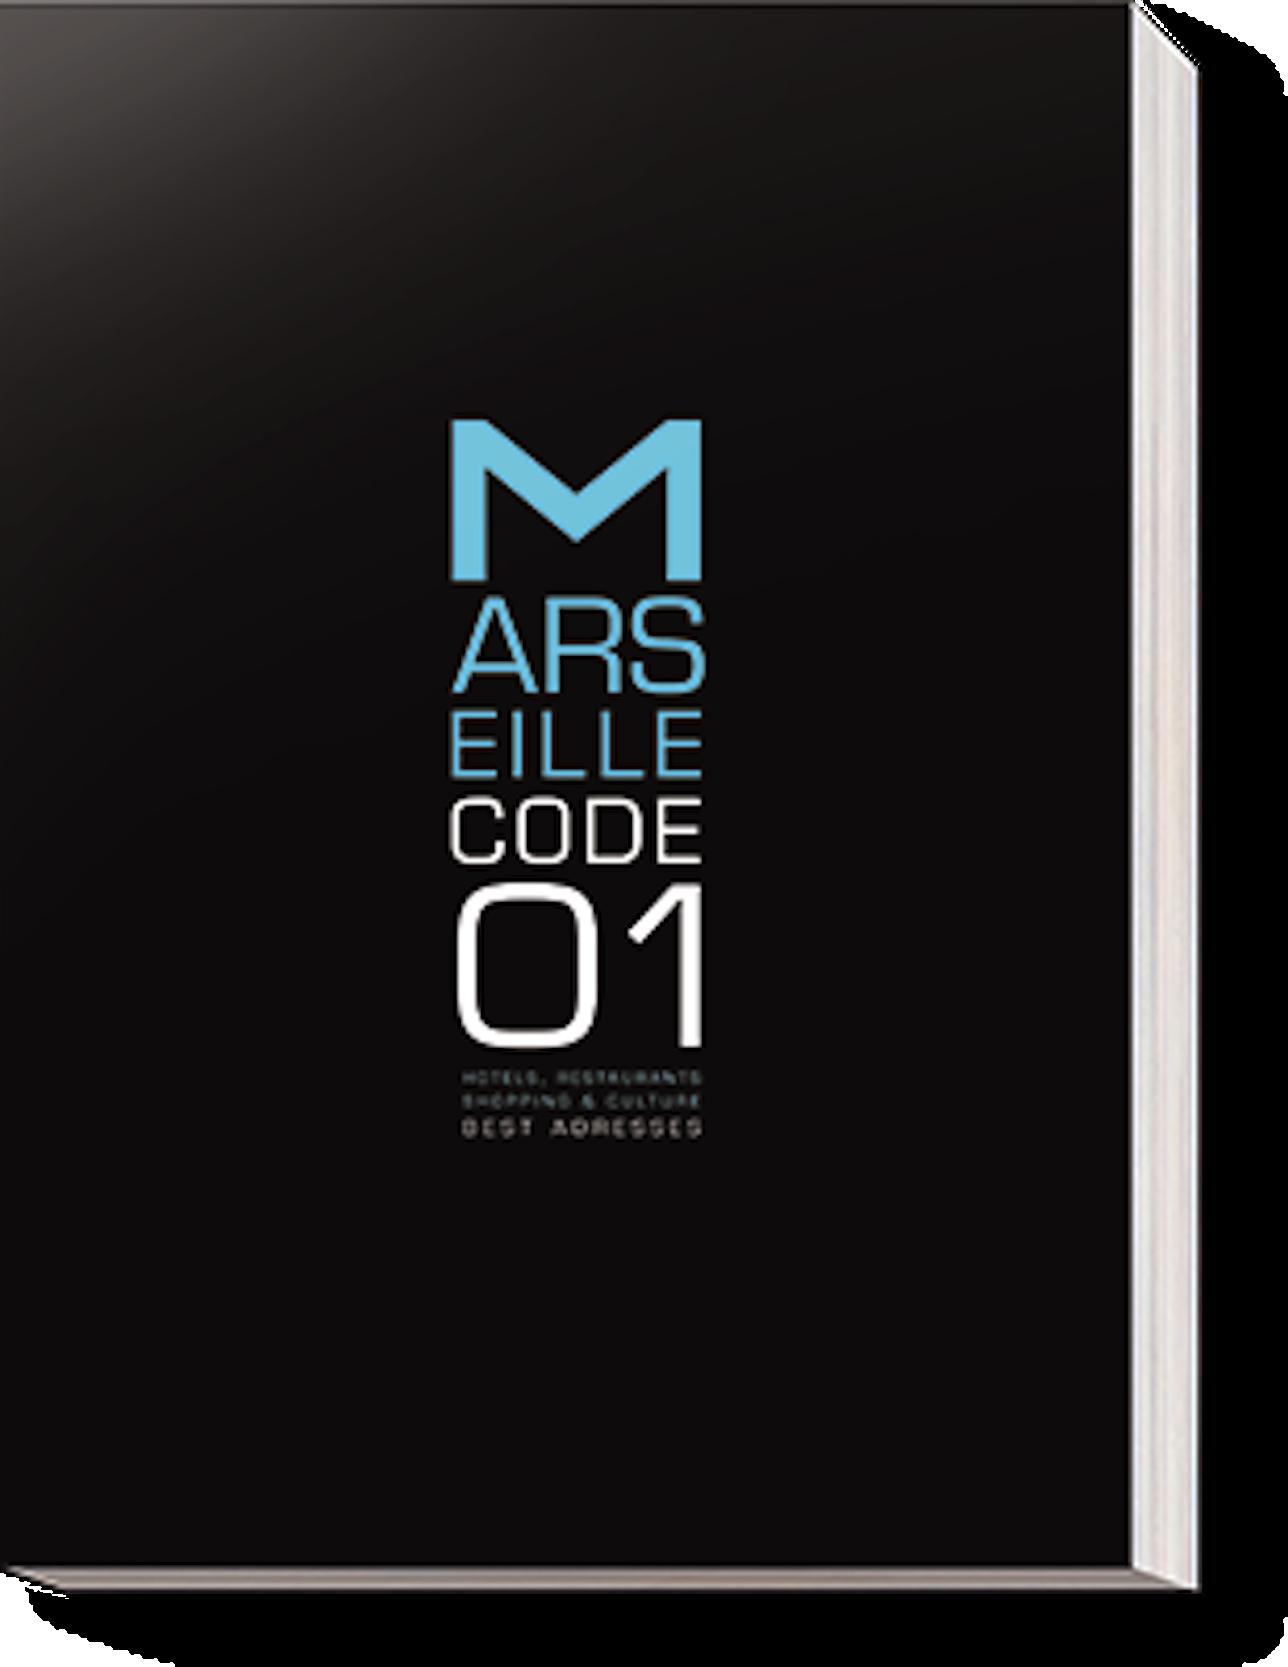 Marseille code